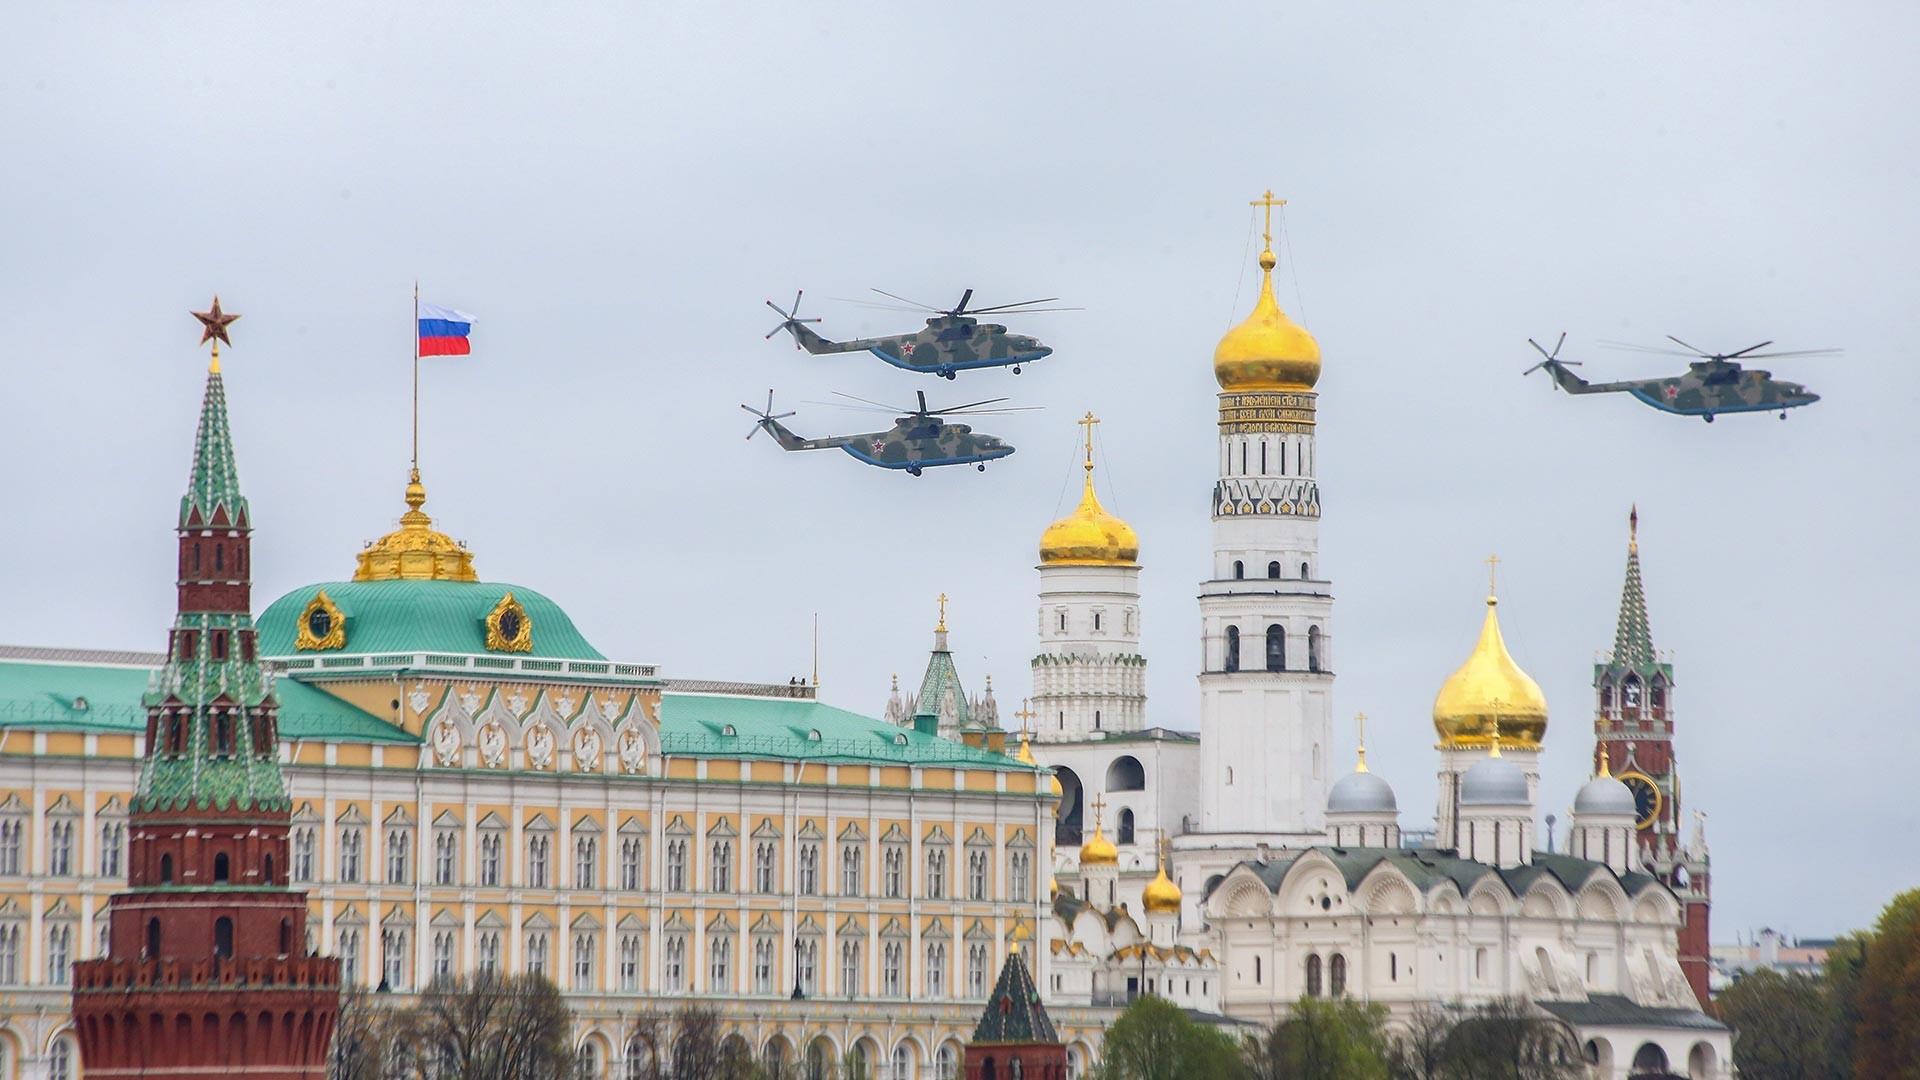 Des hélicoptères de transport lourds russes Mi-26 survolant la place Rouge. Ces oiseaux de fer sont utilisés par des opérateurs militaires et civils, et s'avèrent les hélicoptères les plus grands et les plus puissants à avoir été produits en série.